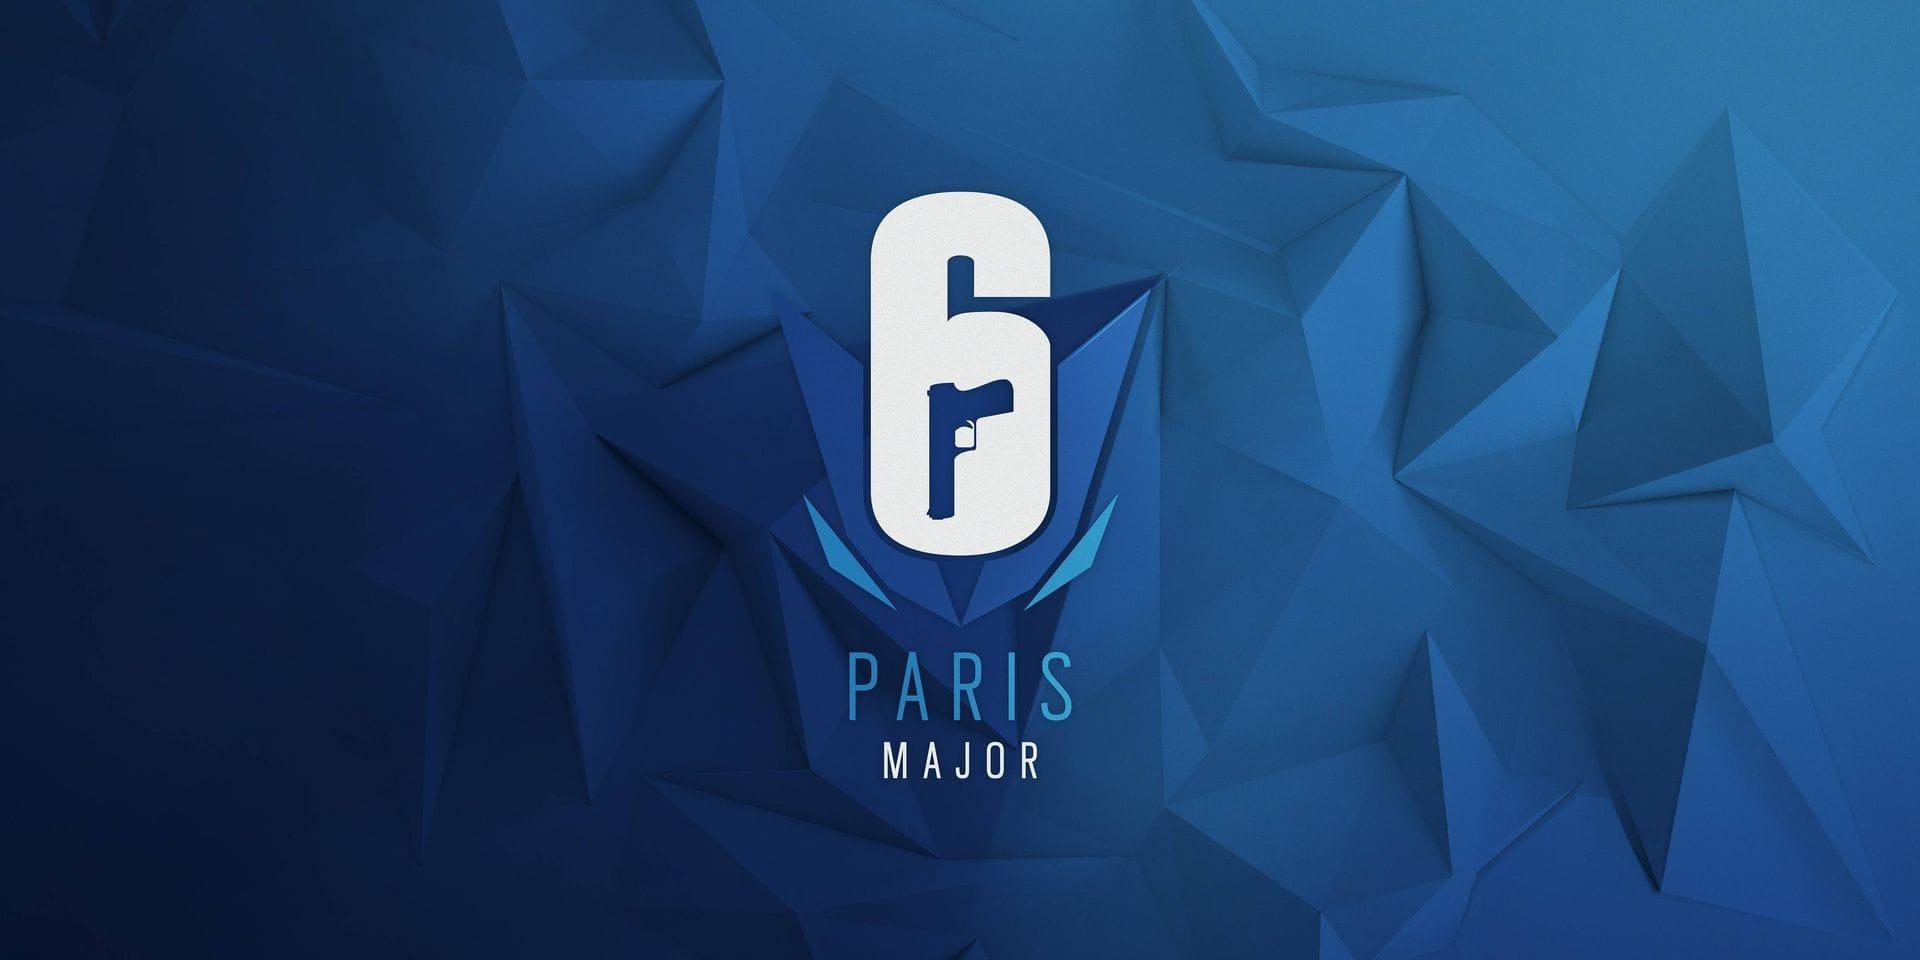 Le Six Major Paris commence aujourd'hui: voici tout ce qu'il faut savoir